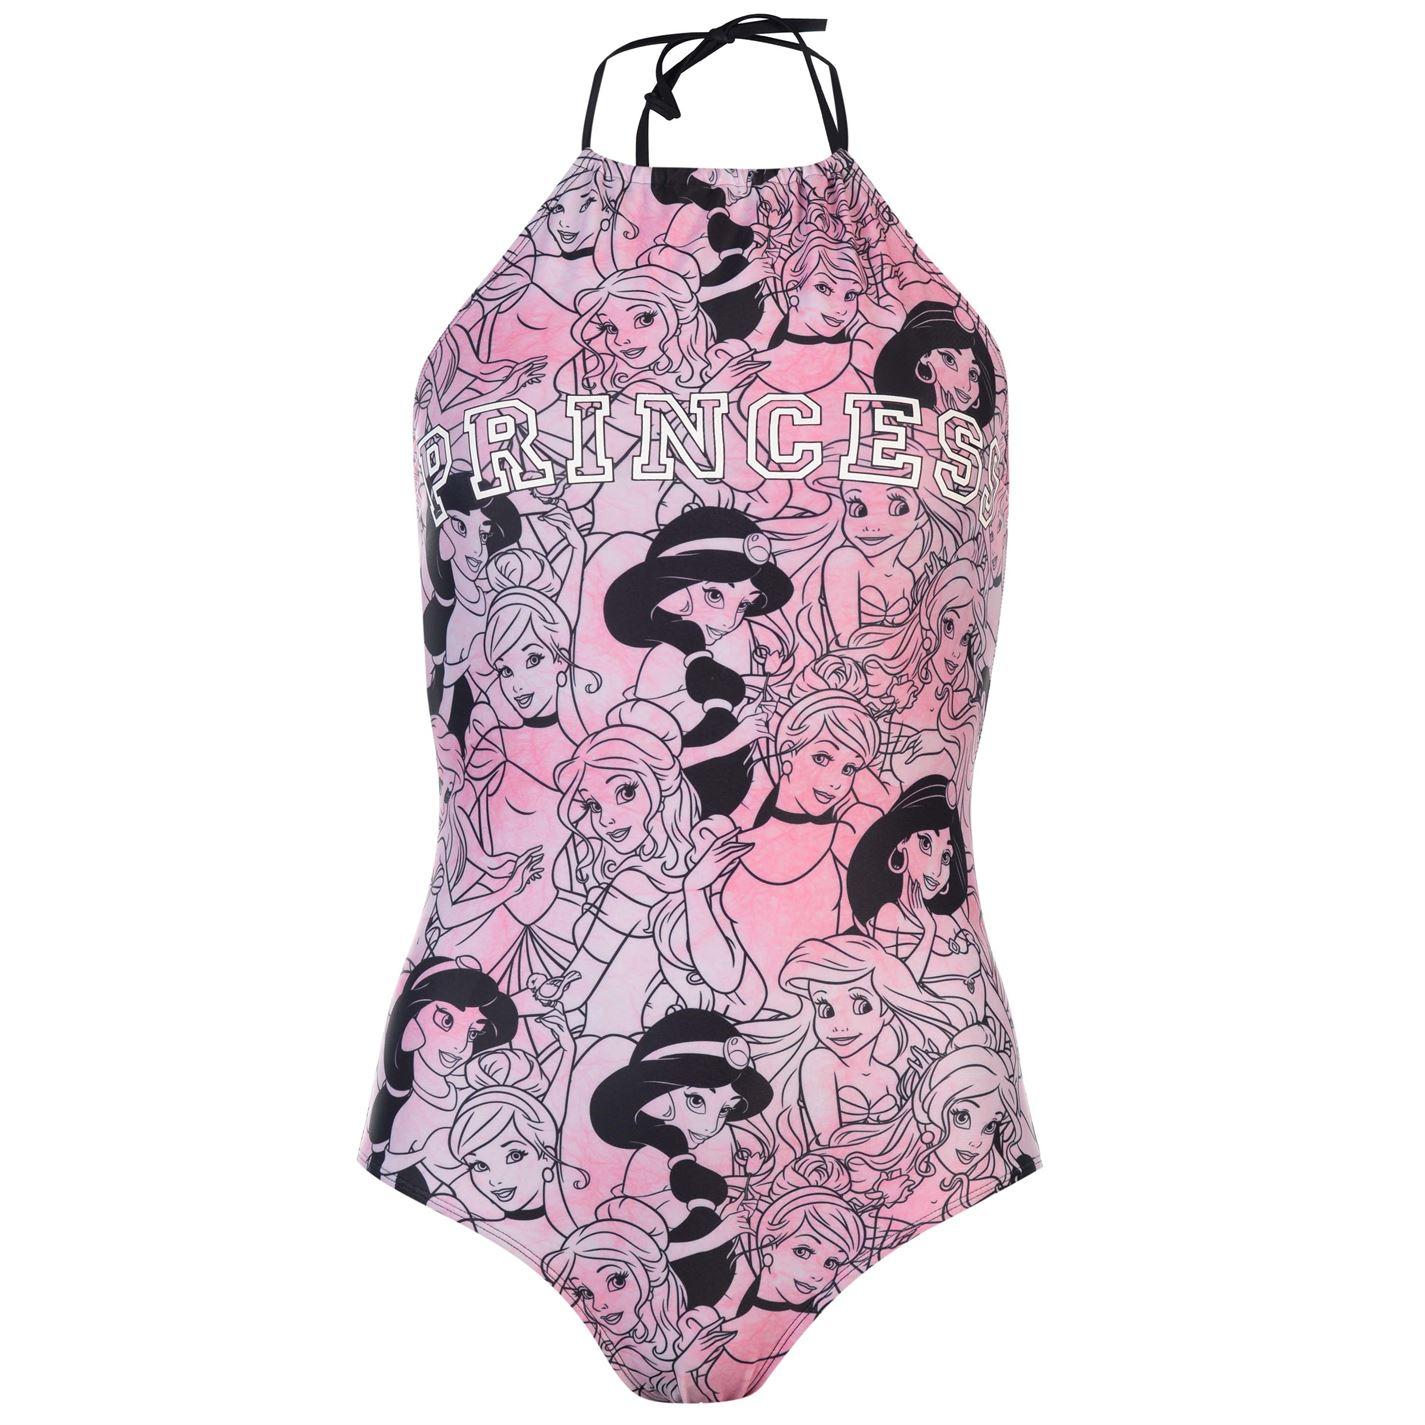 Character dámské jednodielne plavky